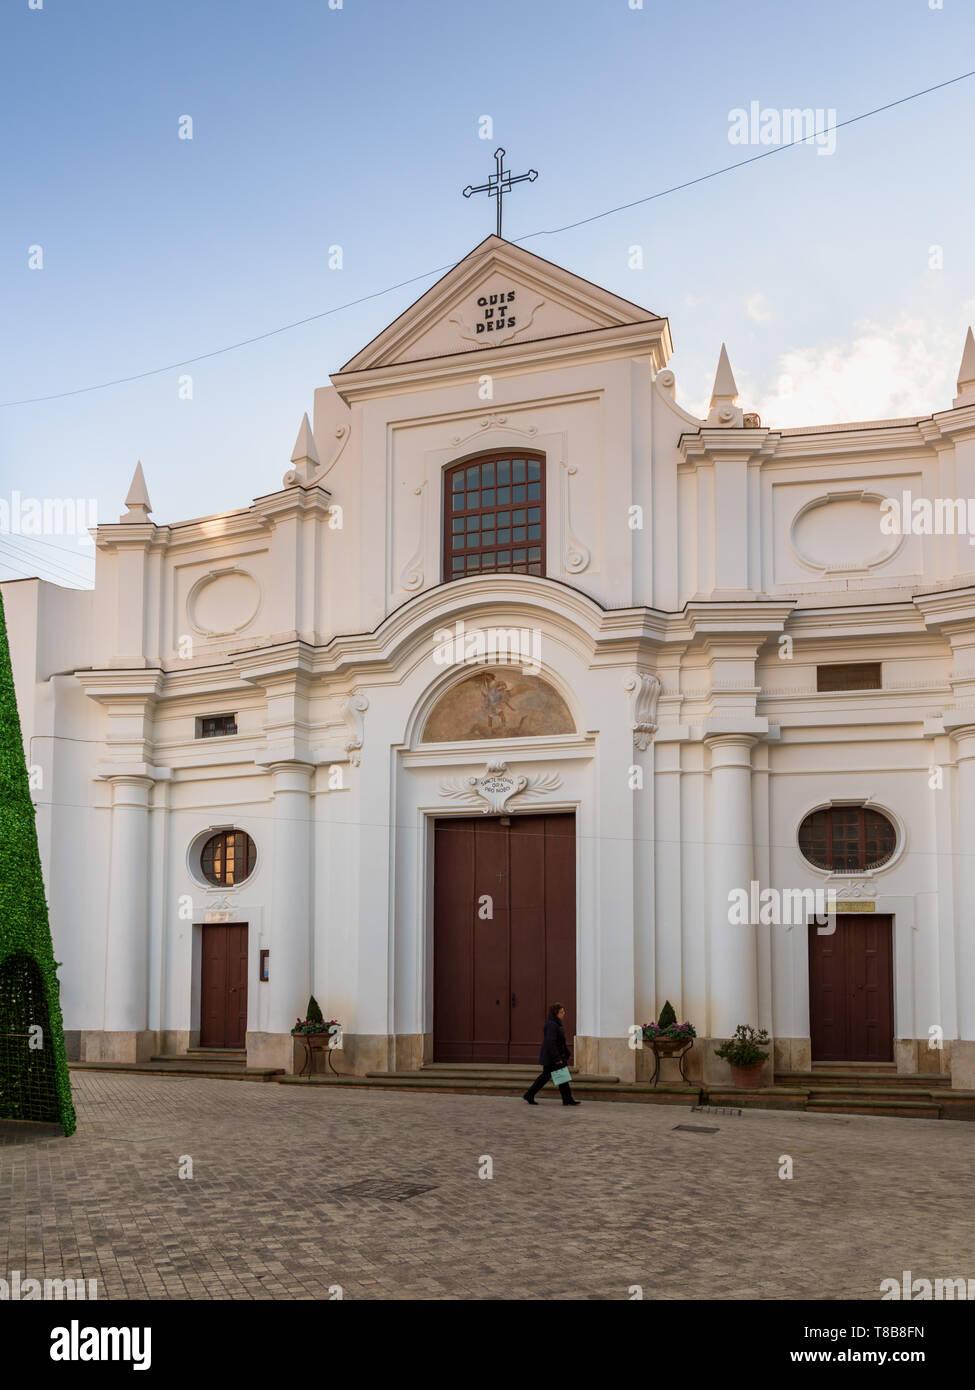 Pavimento di San Michele, Anacapri, Italia Imagen De Stock